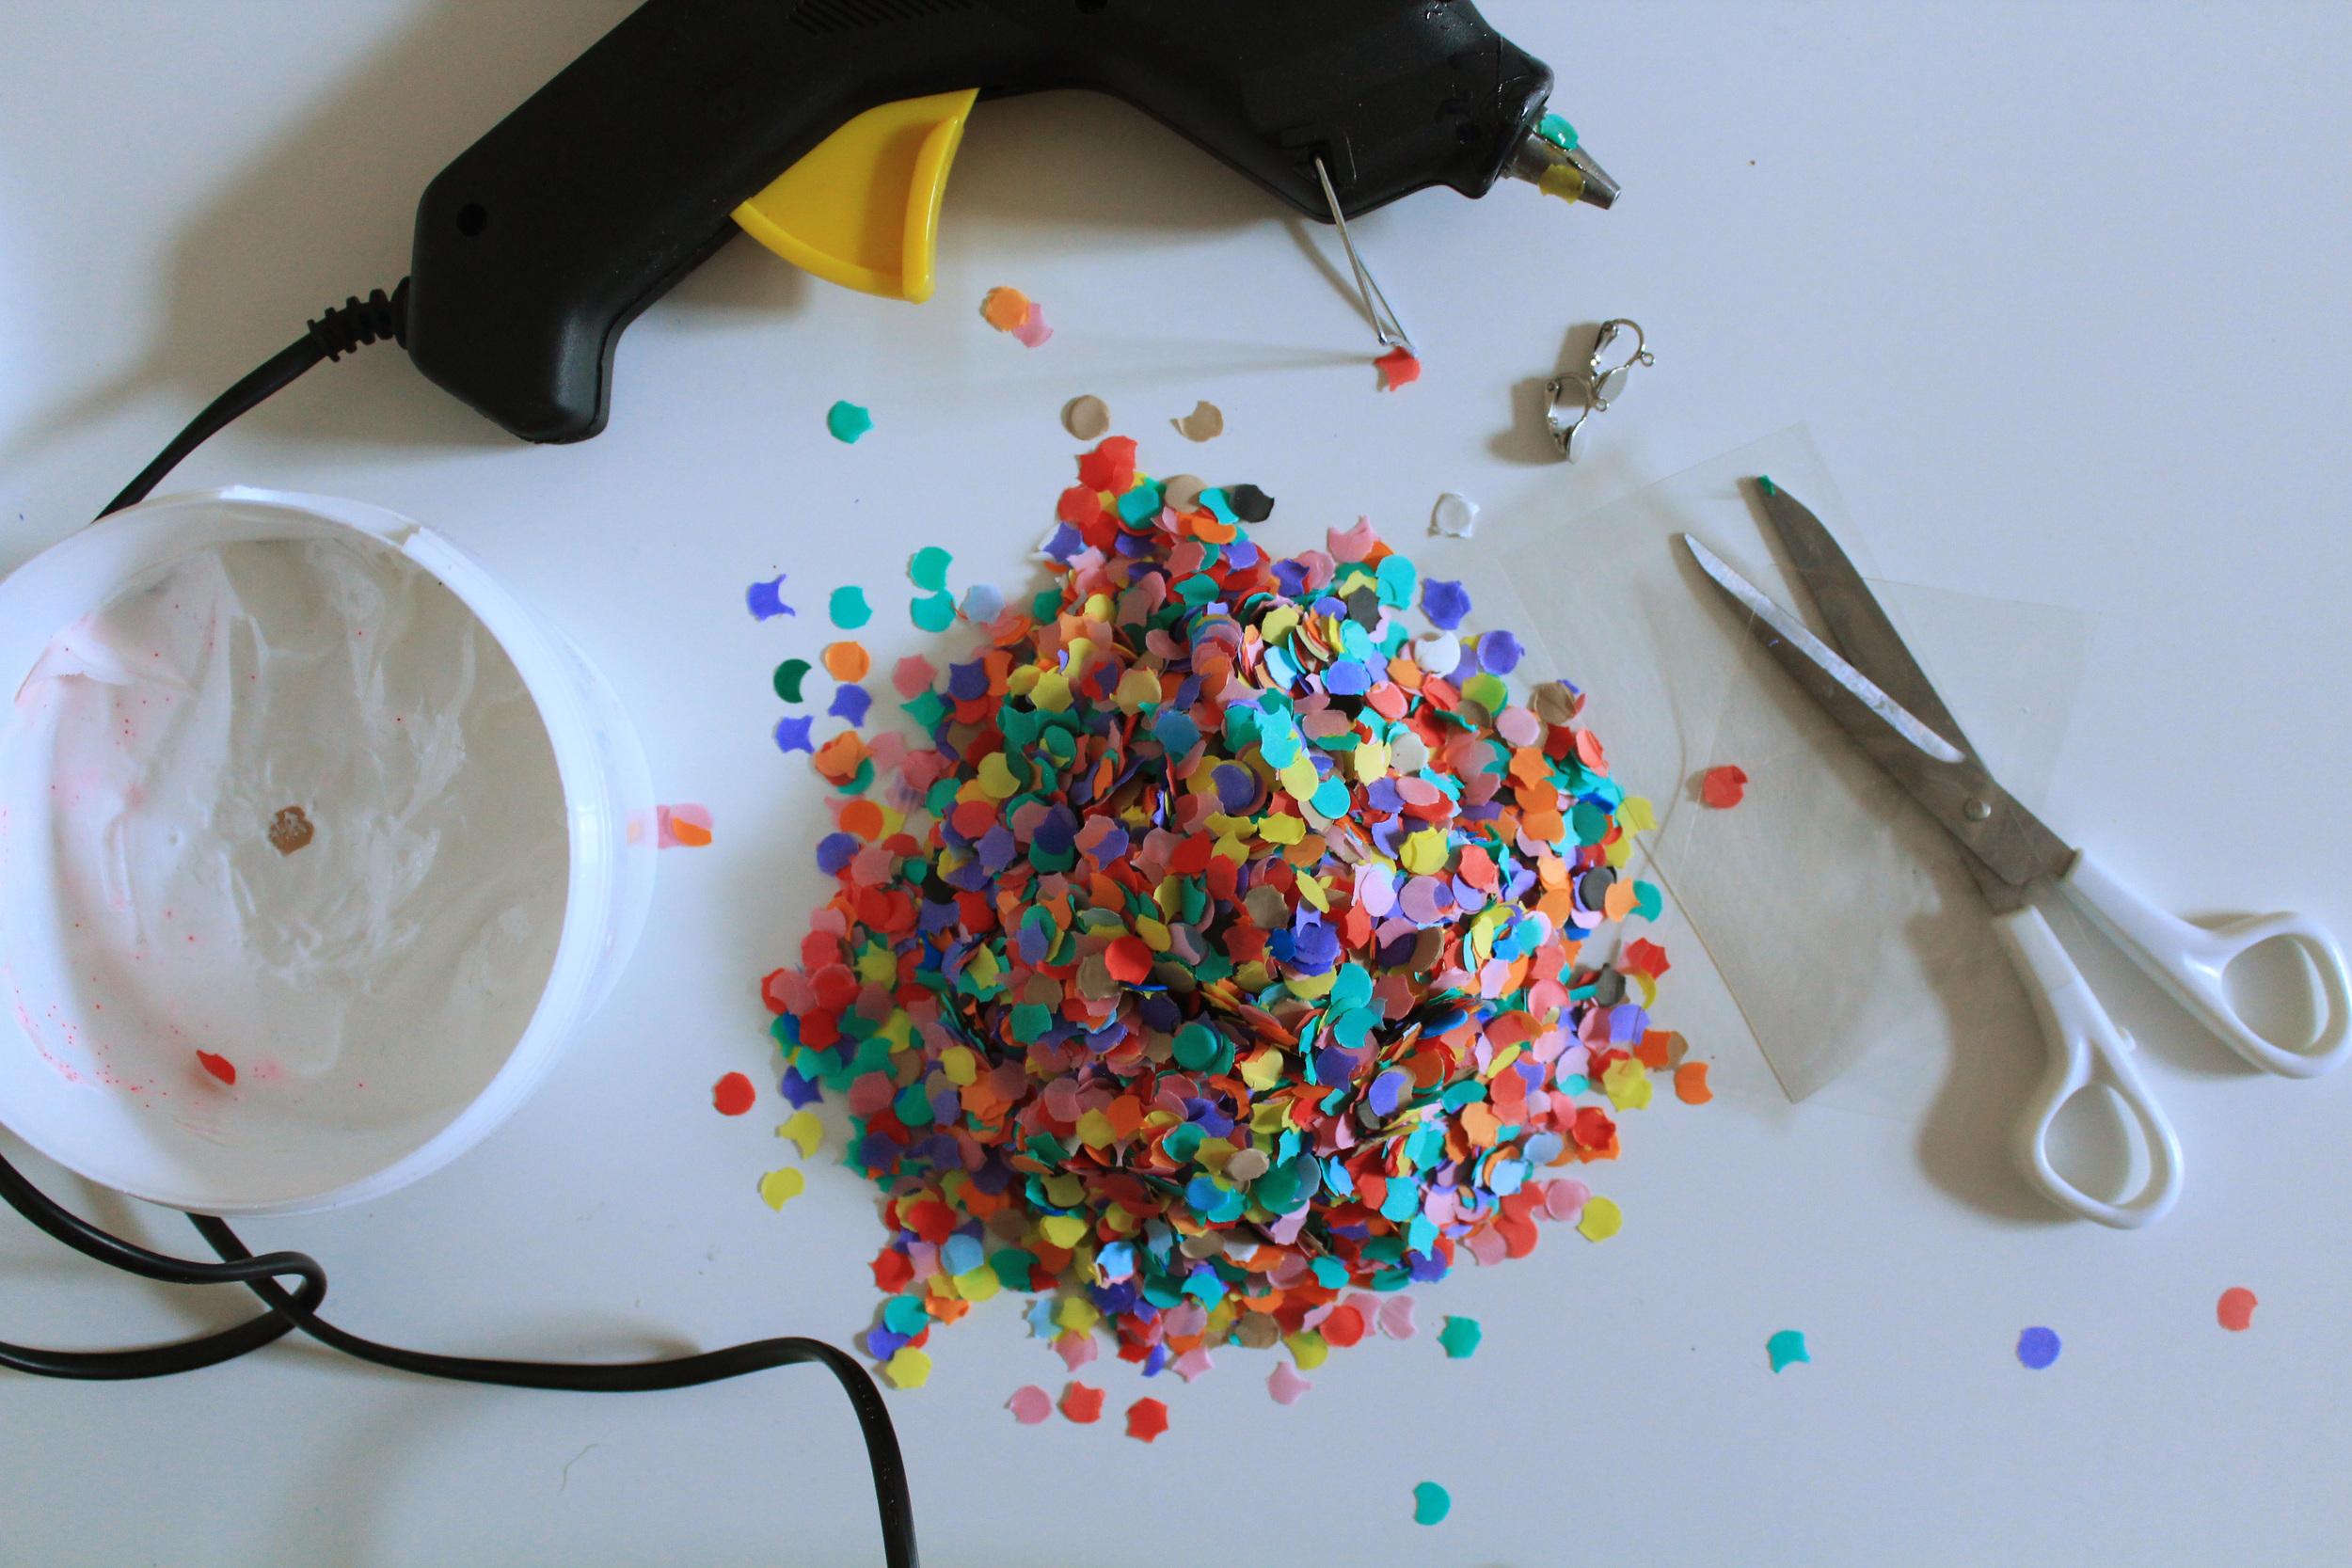 Χειροποίητα πολύχρωμα σκουλαρία με κομφετί Υλικά | In Whirl of Inspiration